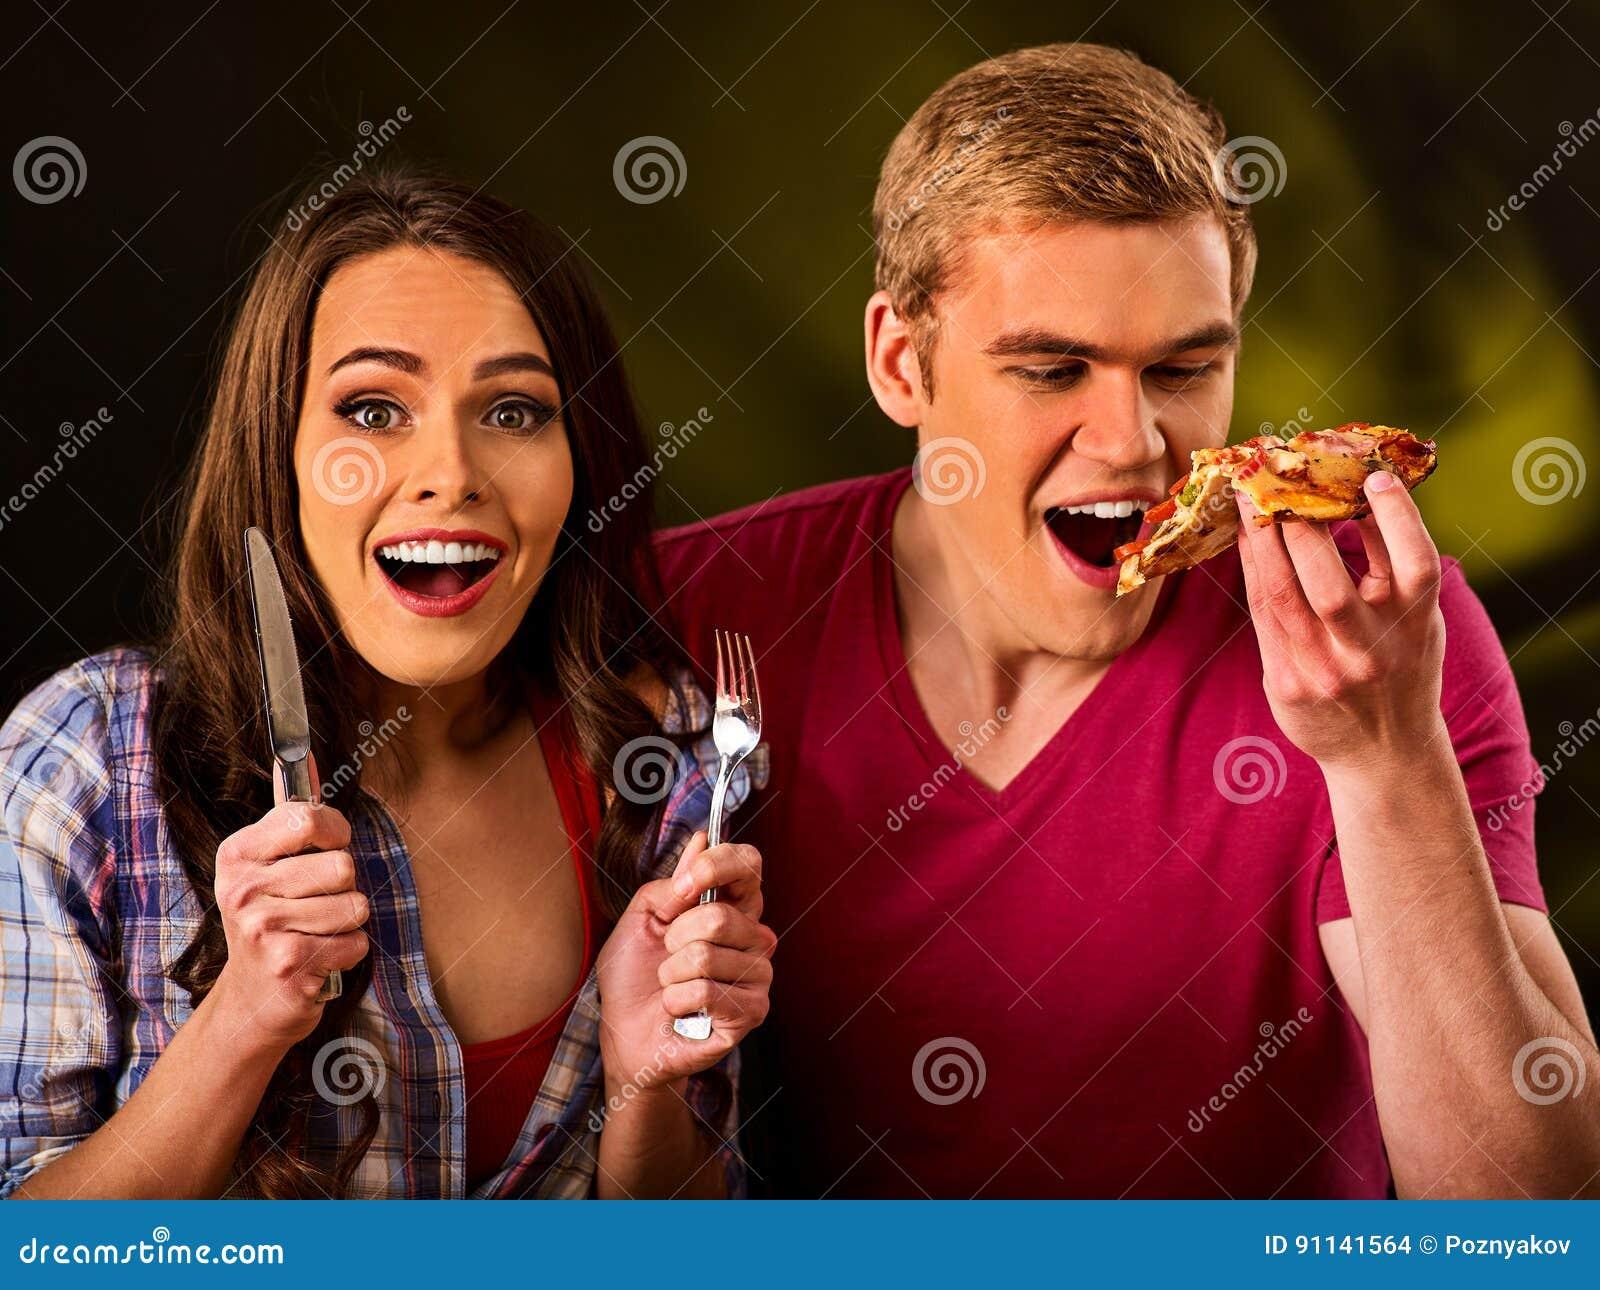 Mann Und Frau Essen Scheibenpizza Mit Messer Und Gabel